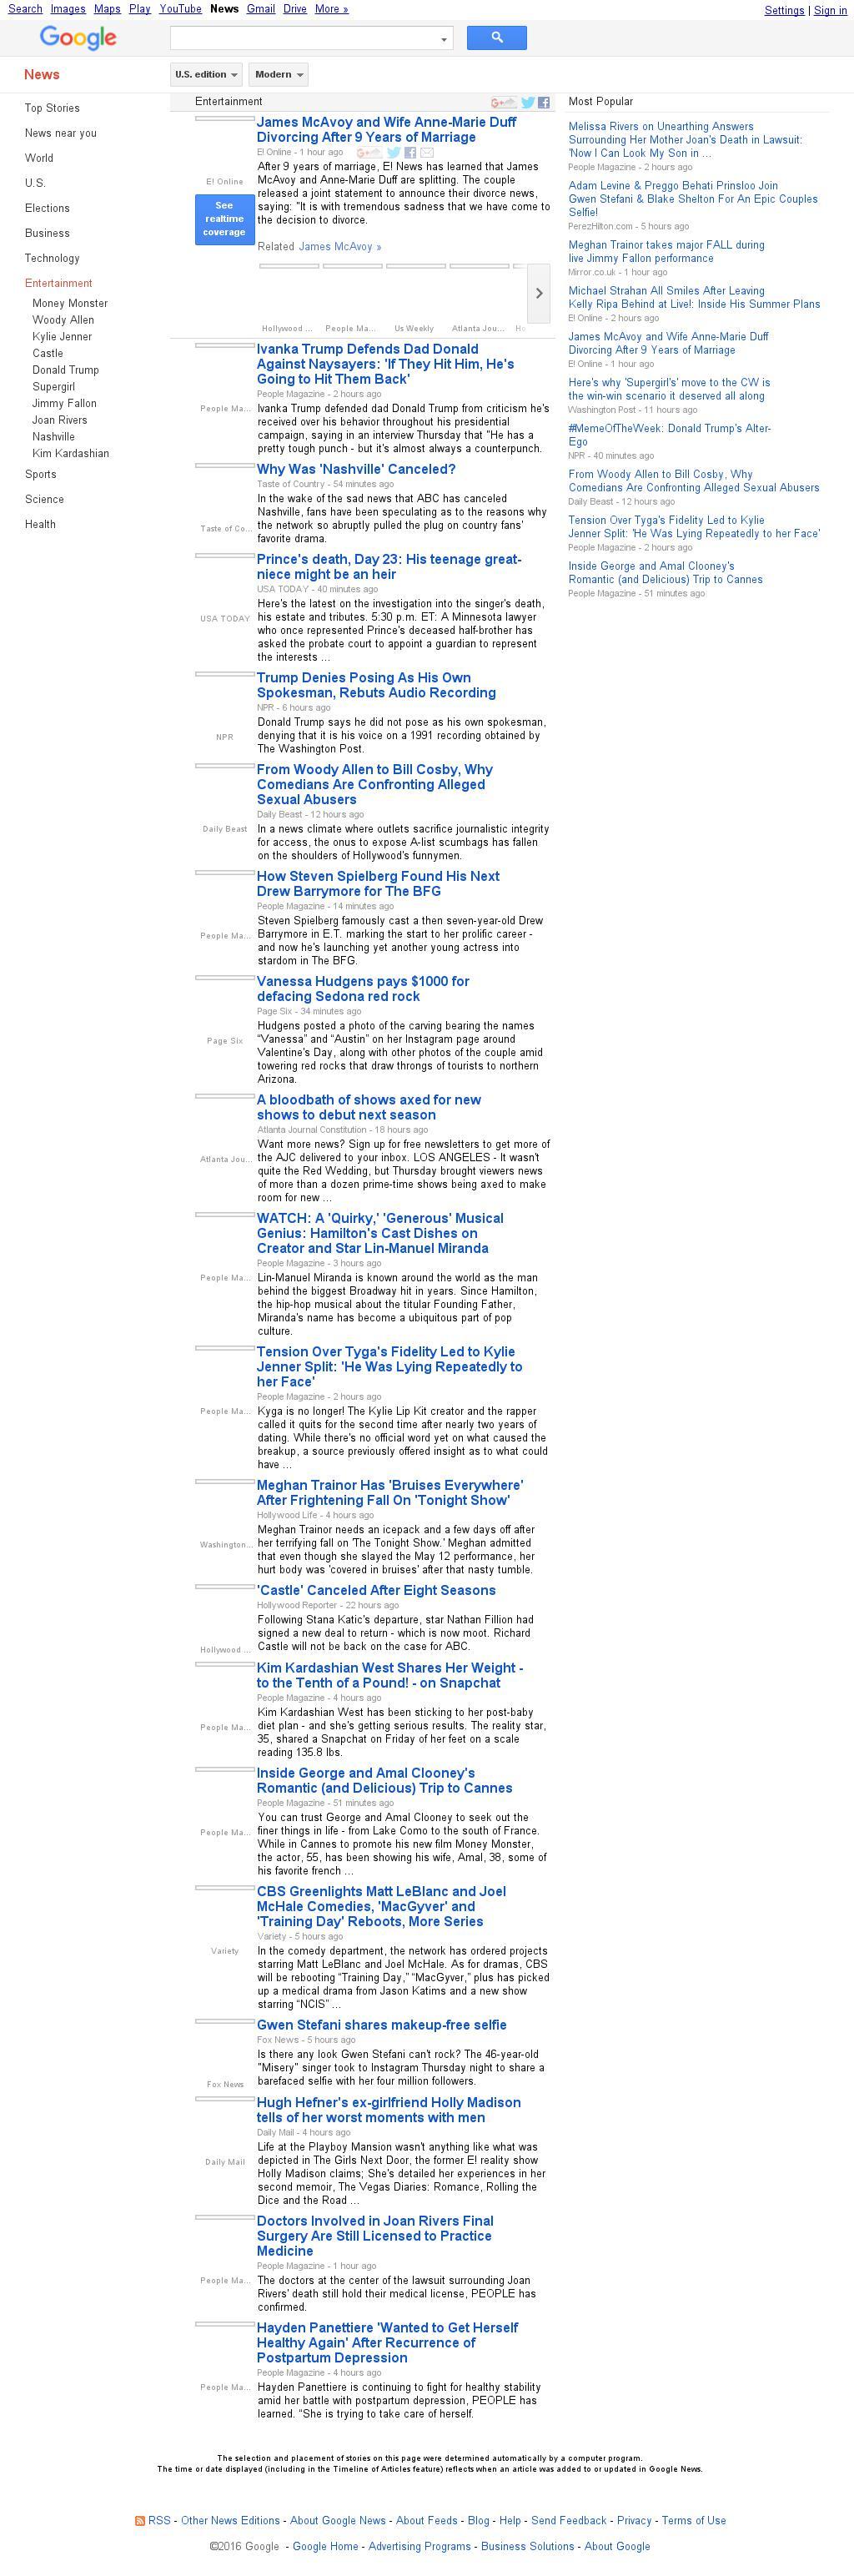 Google News: Entertainment at Friday May 13, 2016, 11:07 p.m. UTC